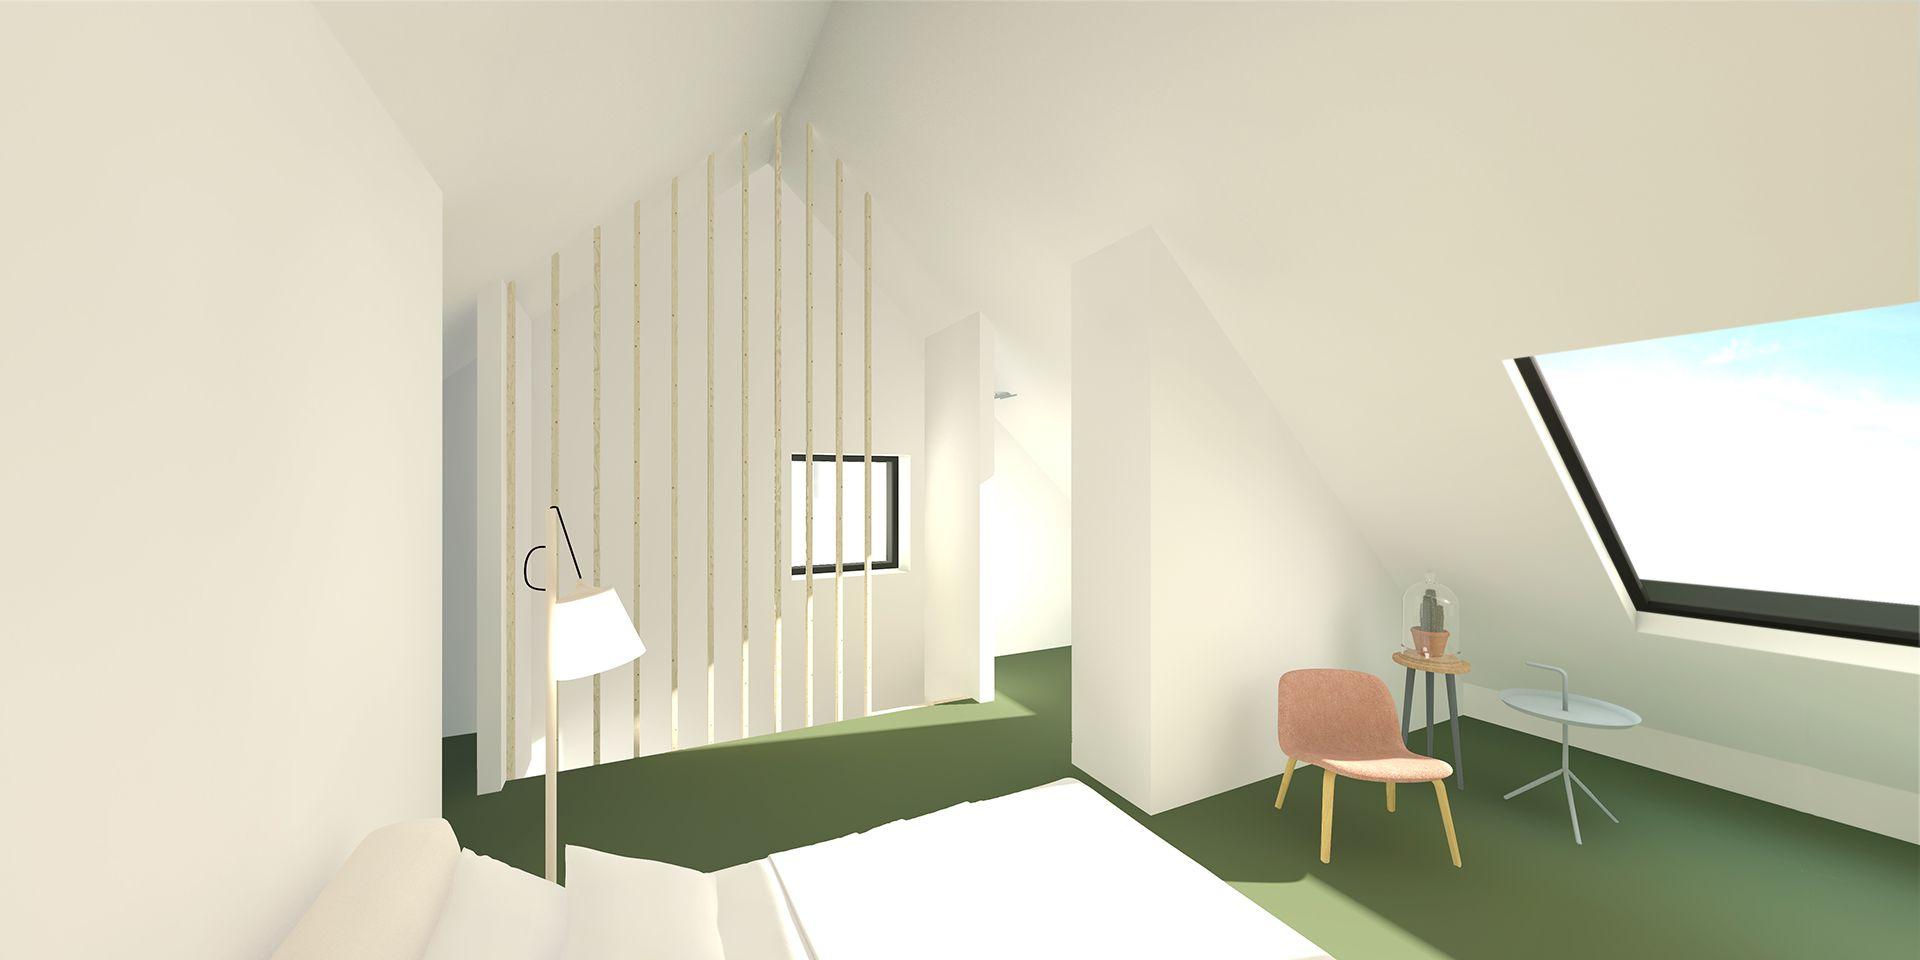 Zolder renovatie glas hout plywood modern belgi tuin interieur raam terras gevel - Renovatie volwassen kamer ...